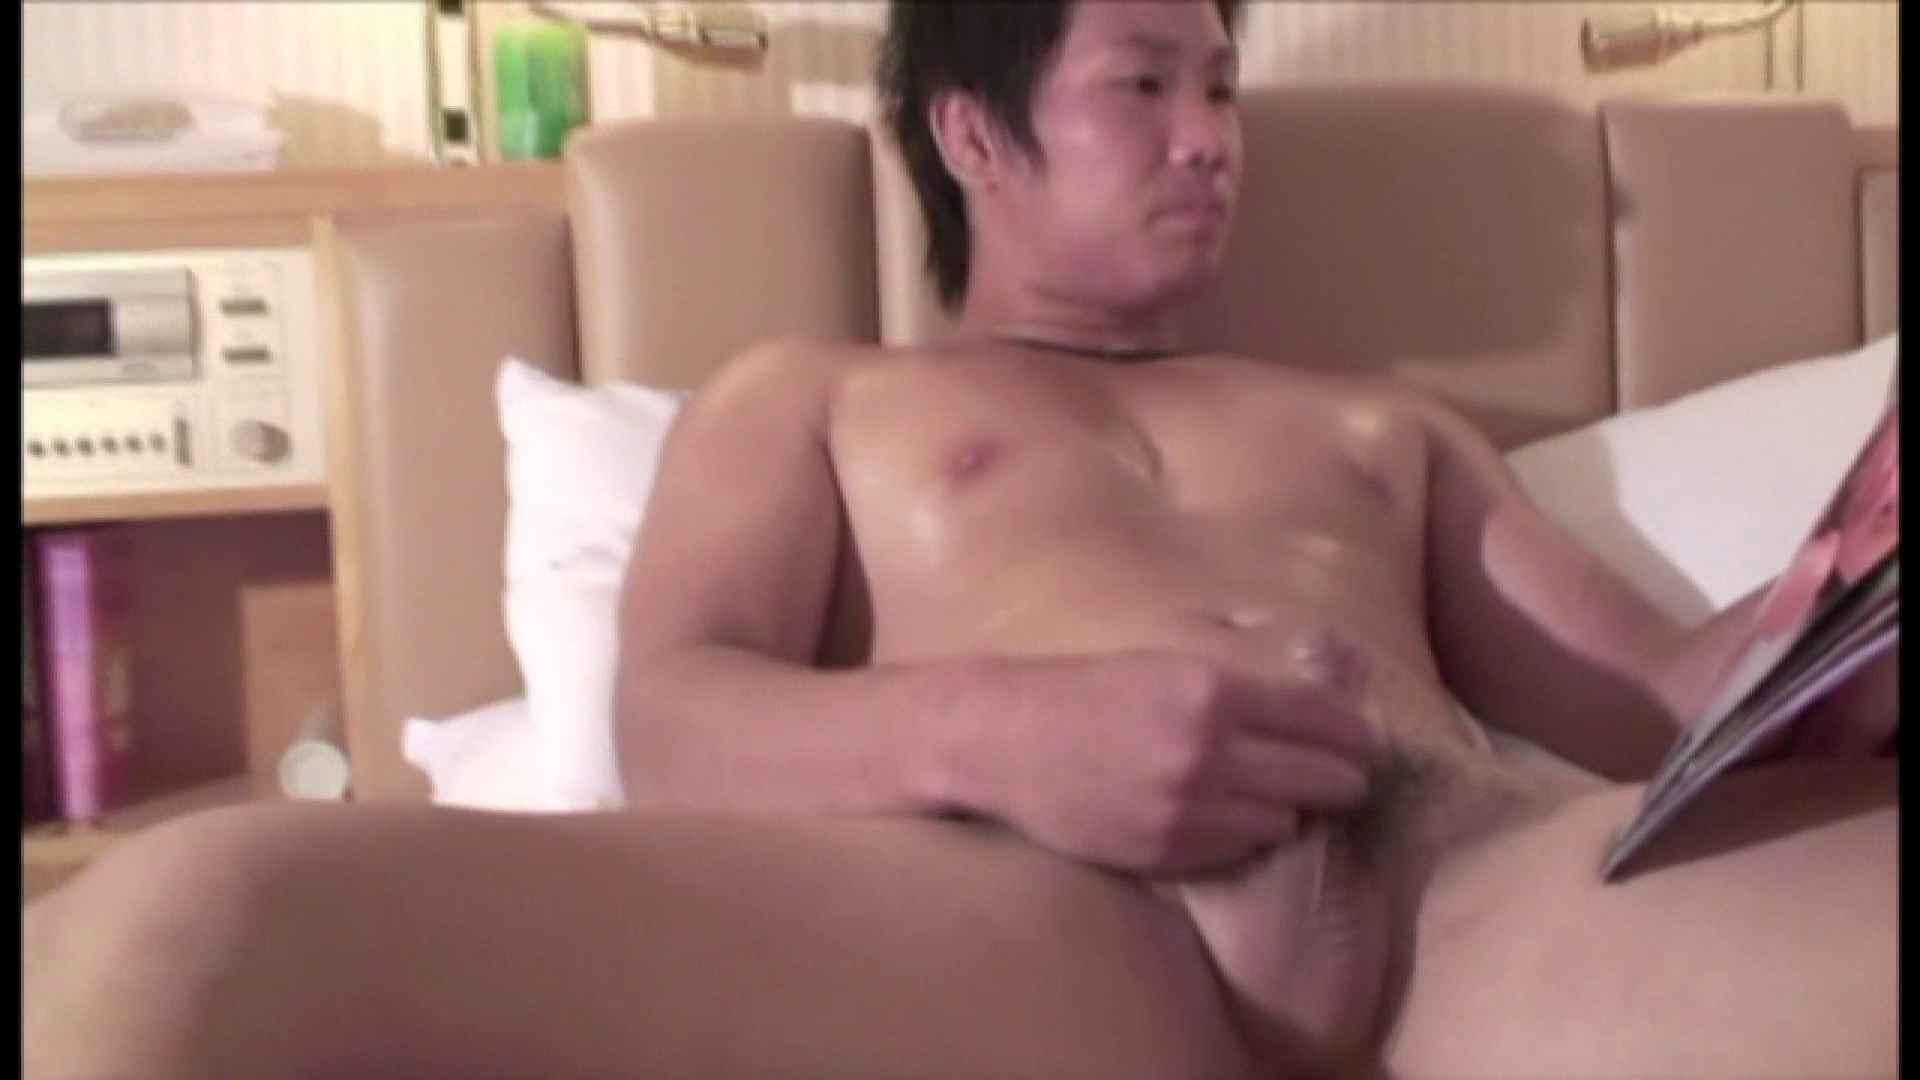 ノンケイケメンの欲望と肉棒 Vol.25 エロ  90pic 55